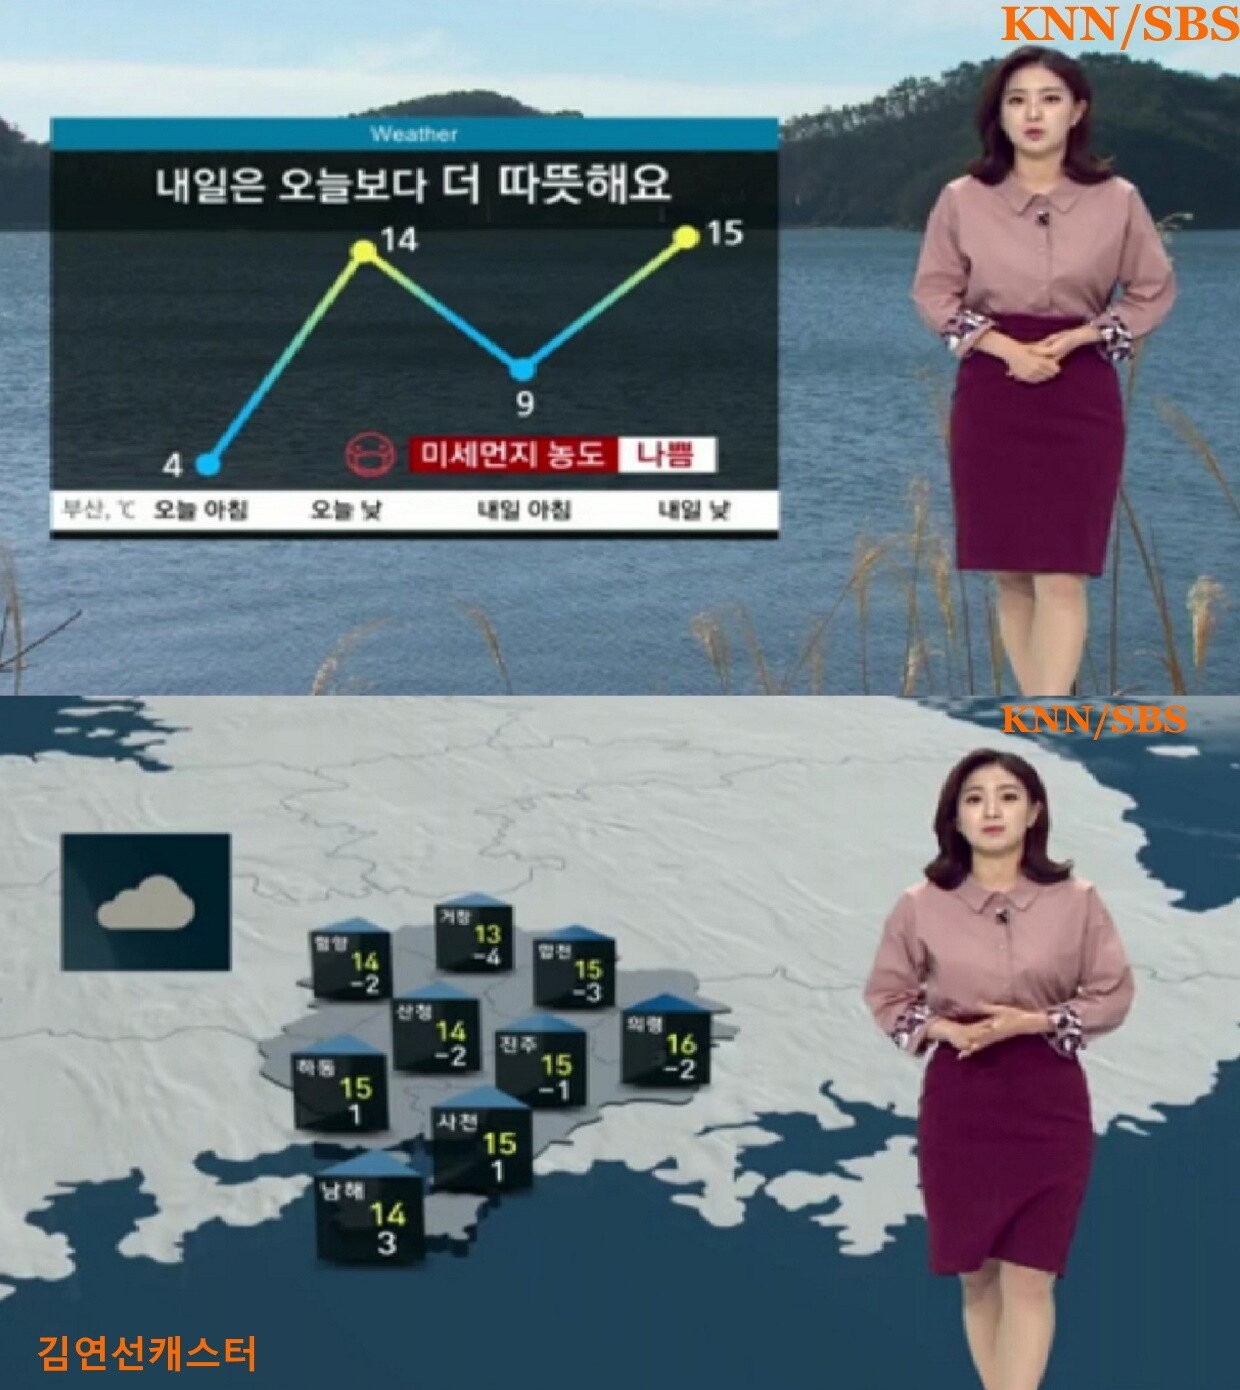 저녁07.jpg 미세먼지에 눈 건강 비상 (내일 미세먼지 서쪽 나쁨 및 흐리고 곳곳 비)